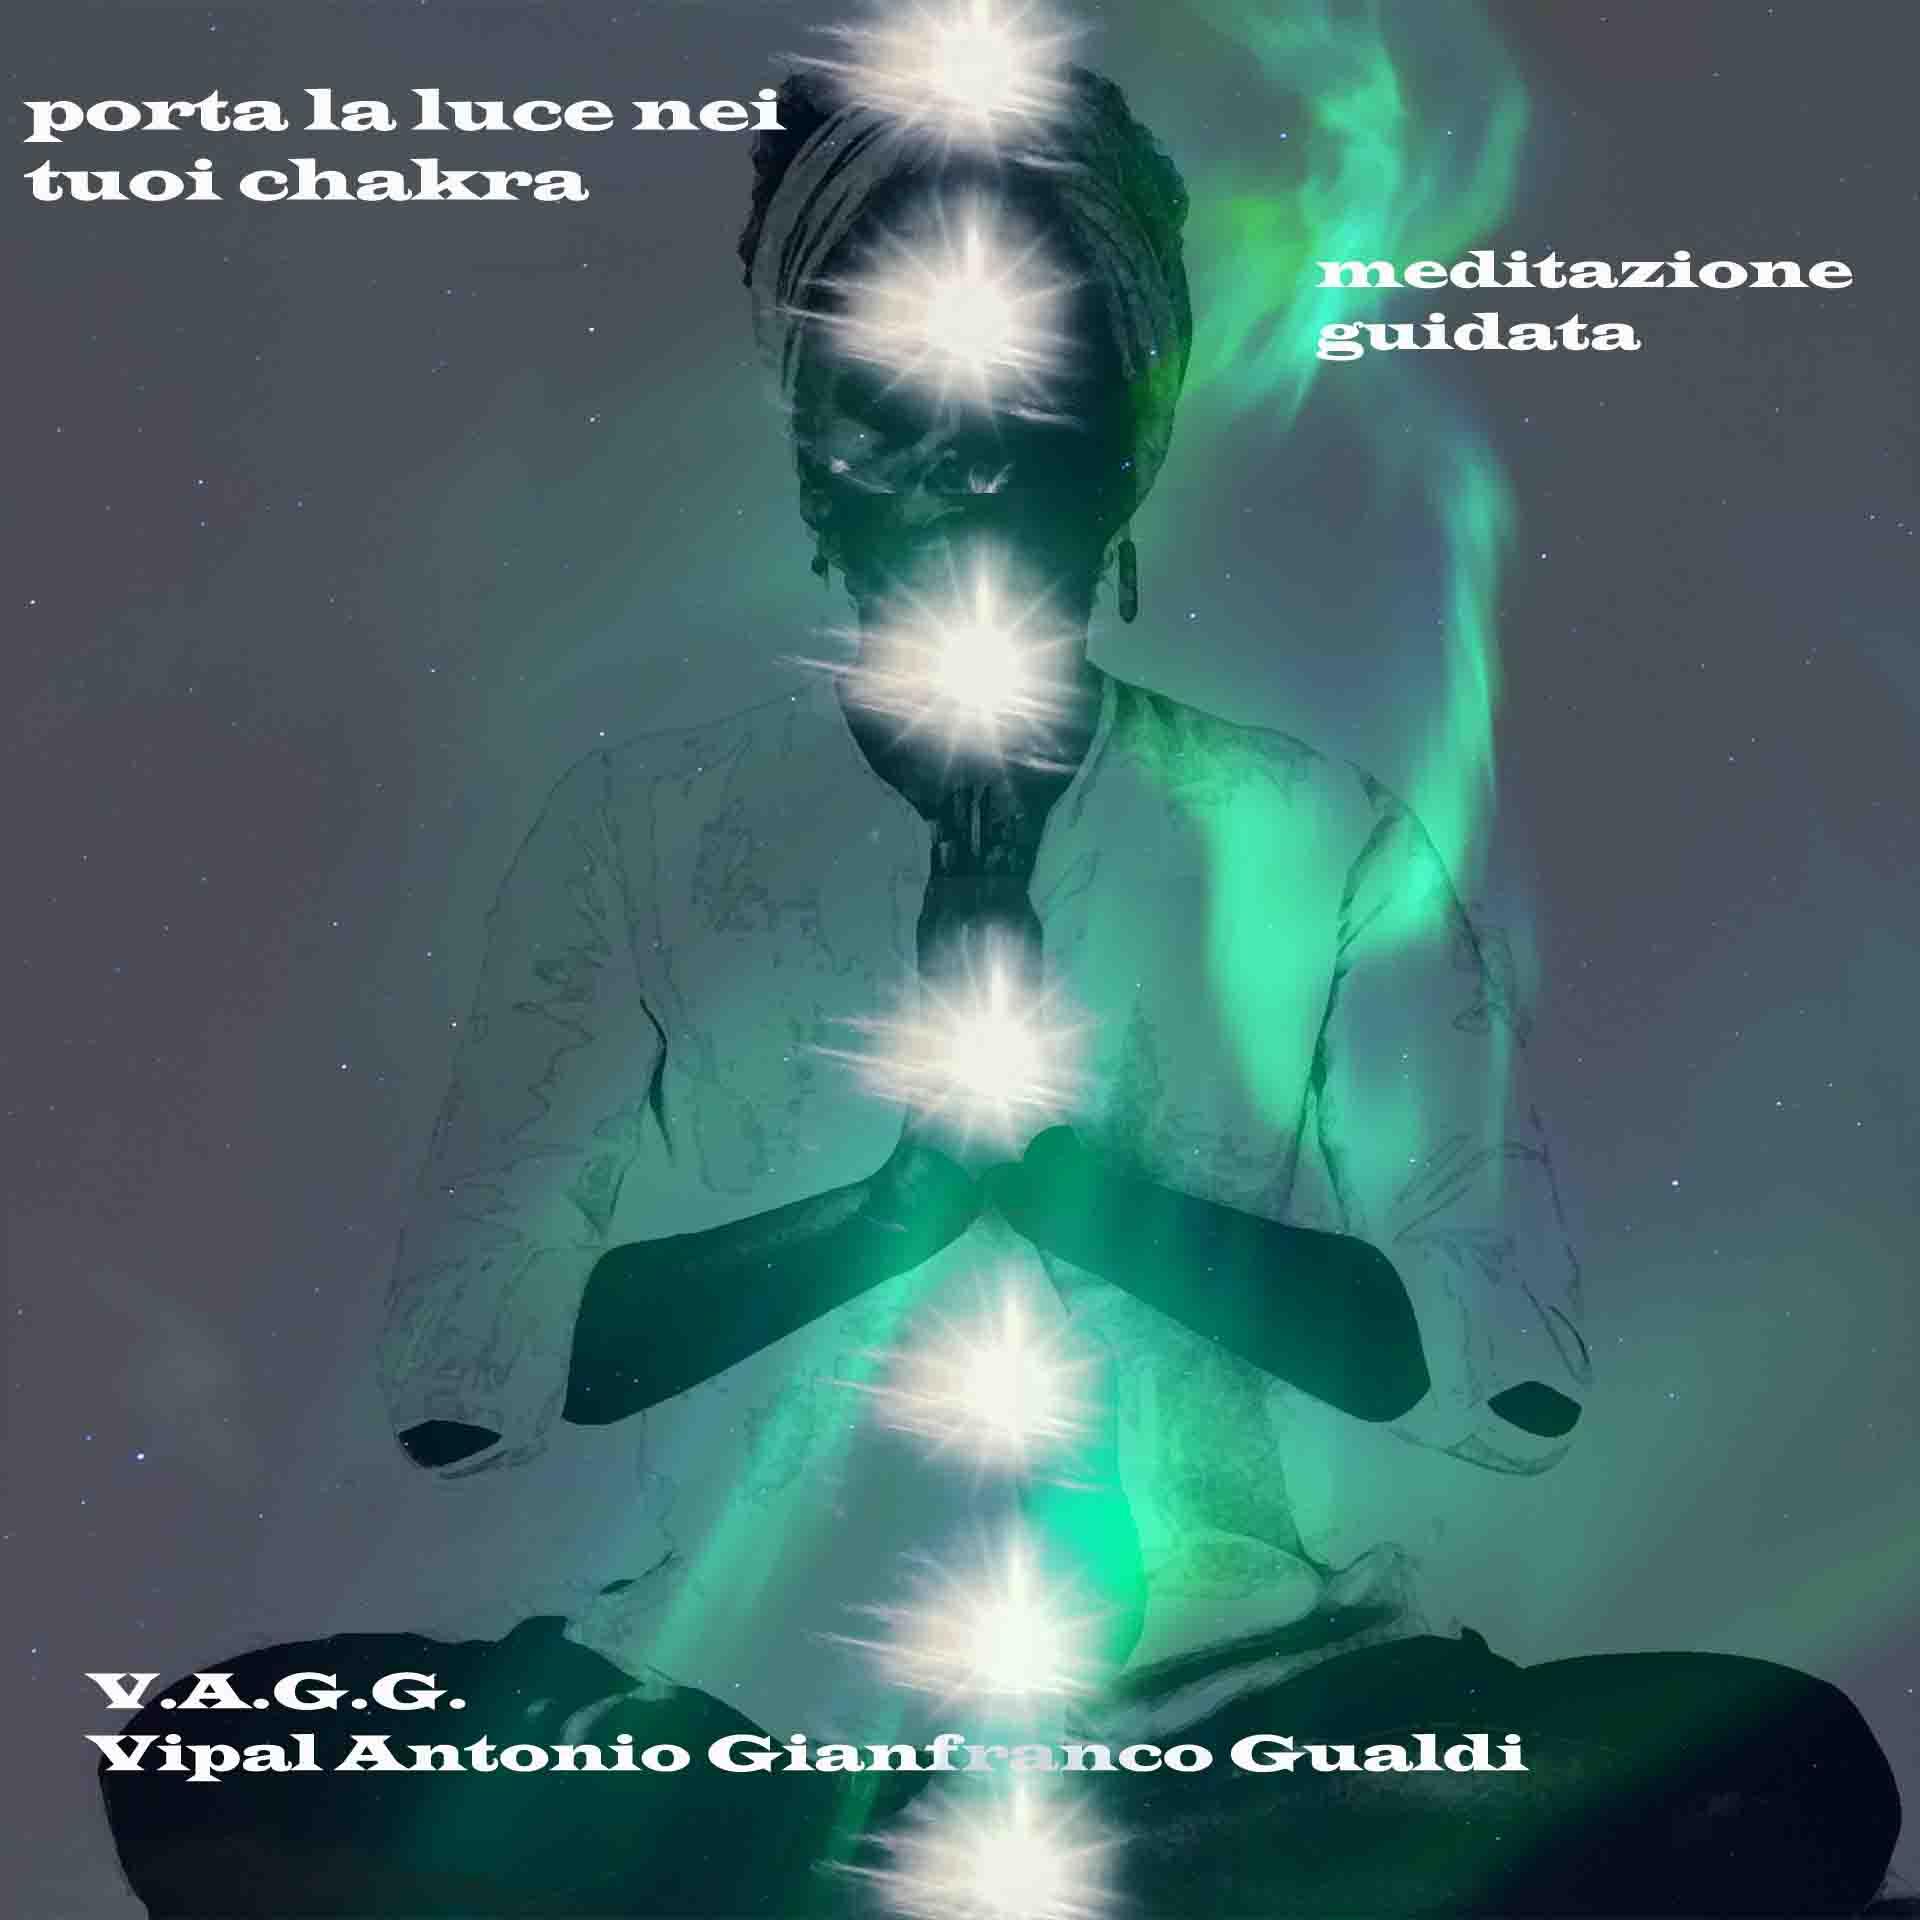 """copertina meditazione guidata """" porta la luce nei tuoi chakra"""" Vipal Antonio Gianfranco Gualdi"""